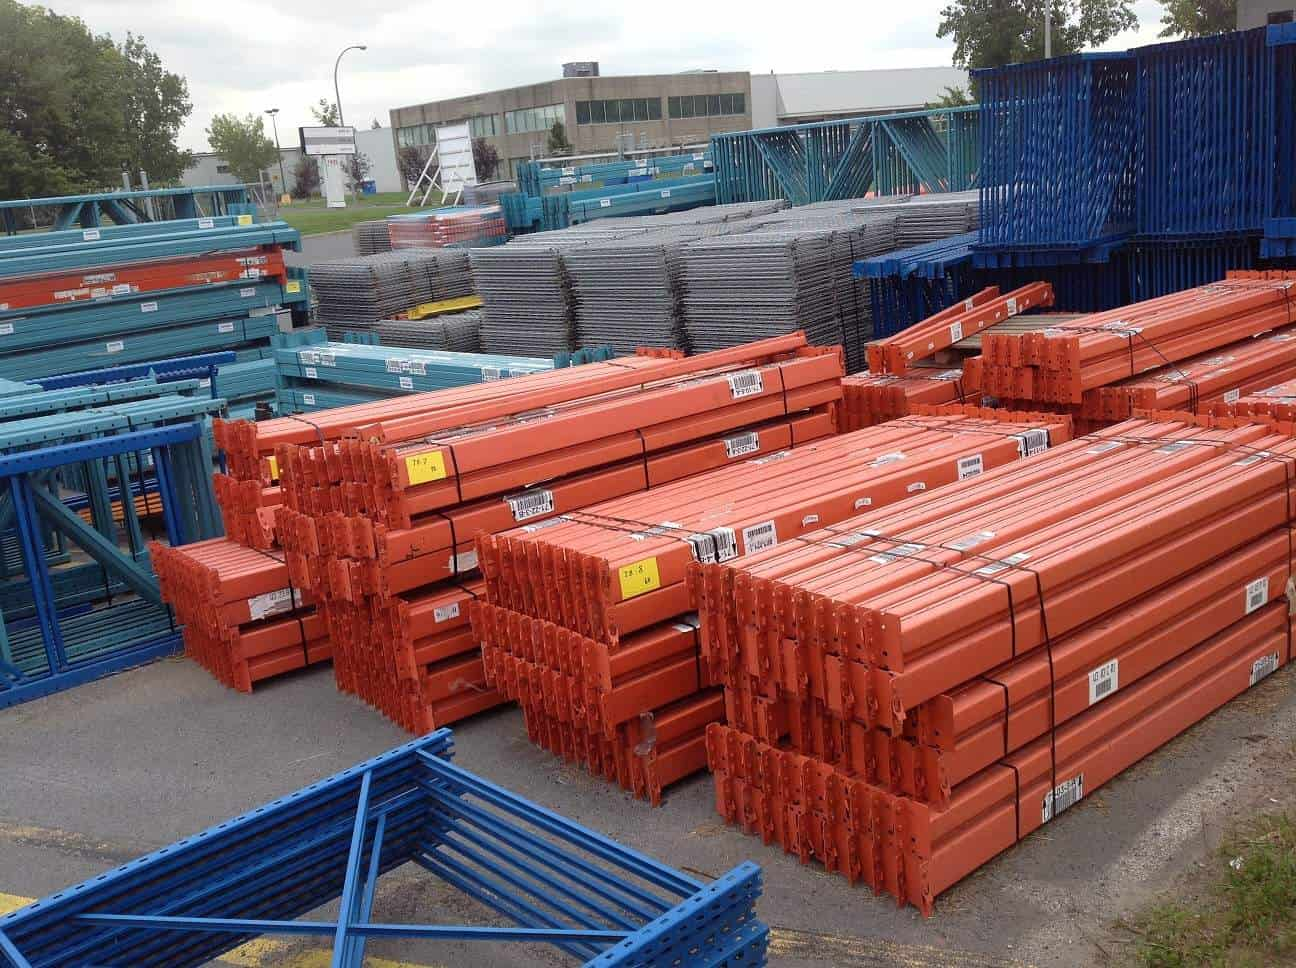 Used-teardop-rack-frames-beams-stacked